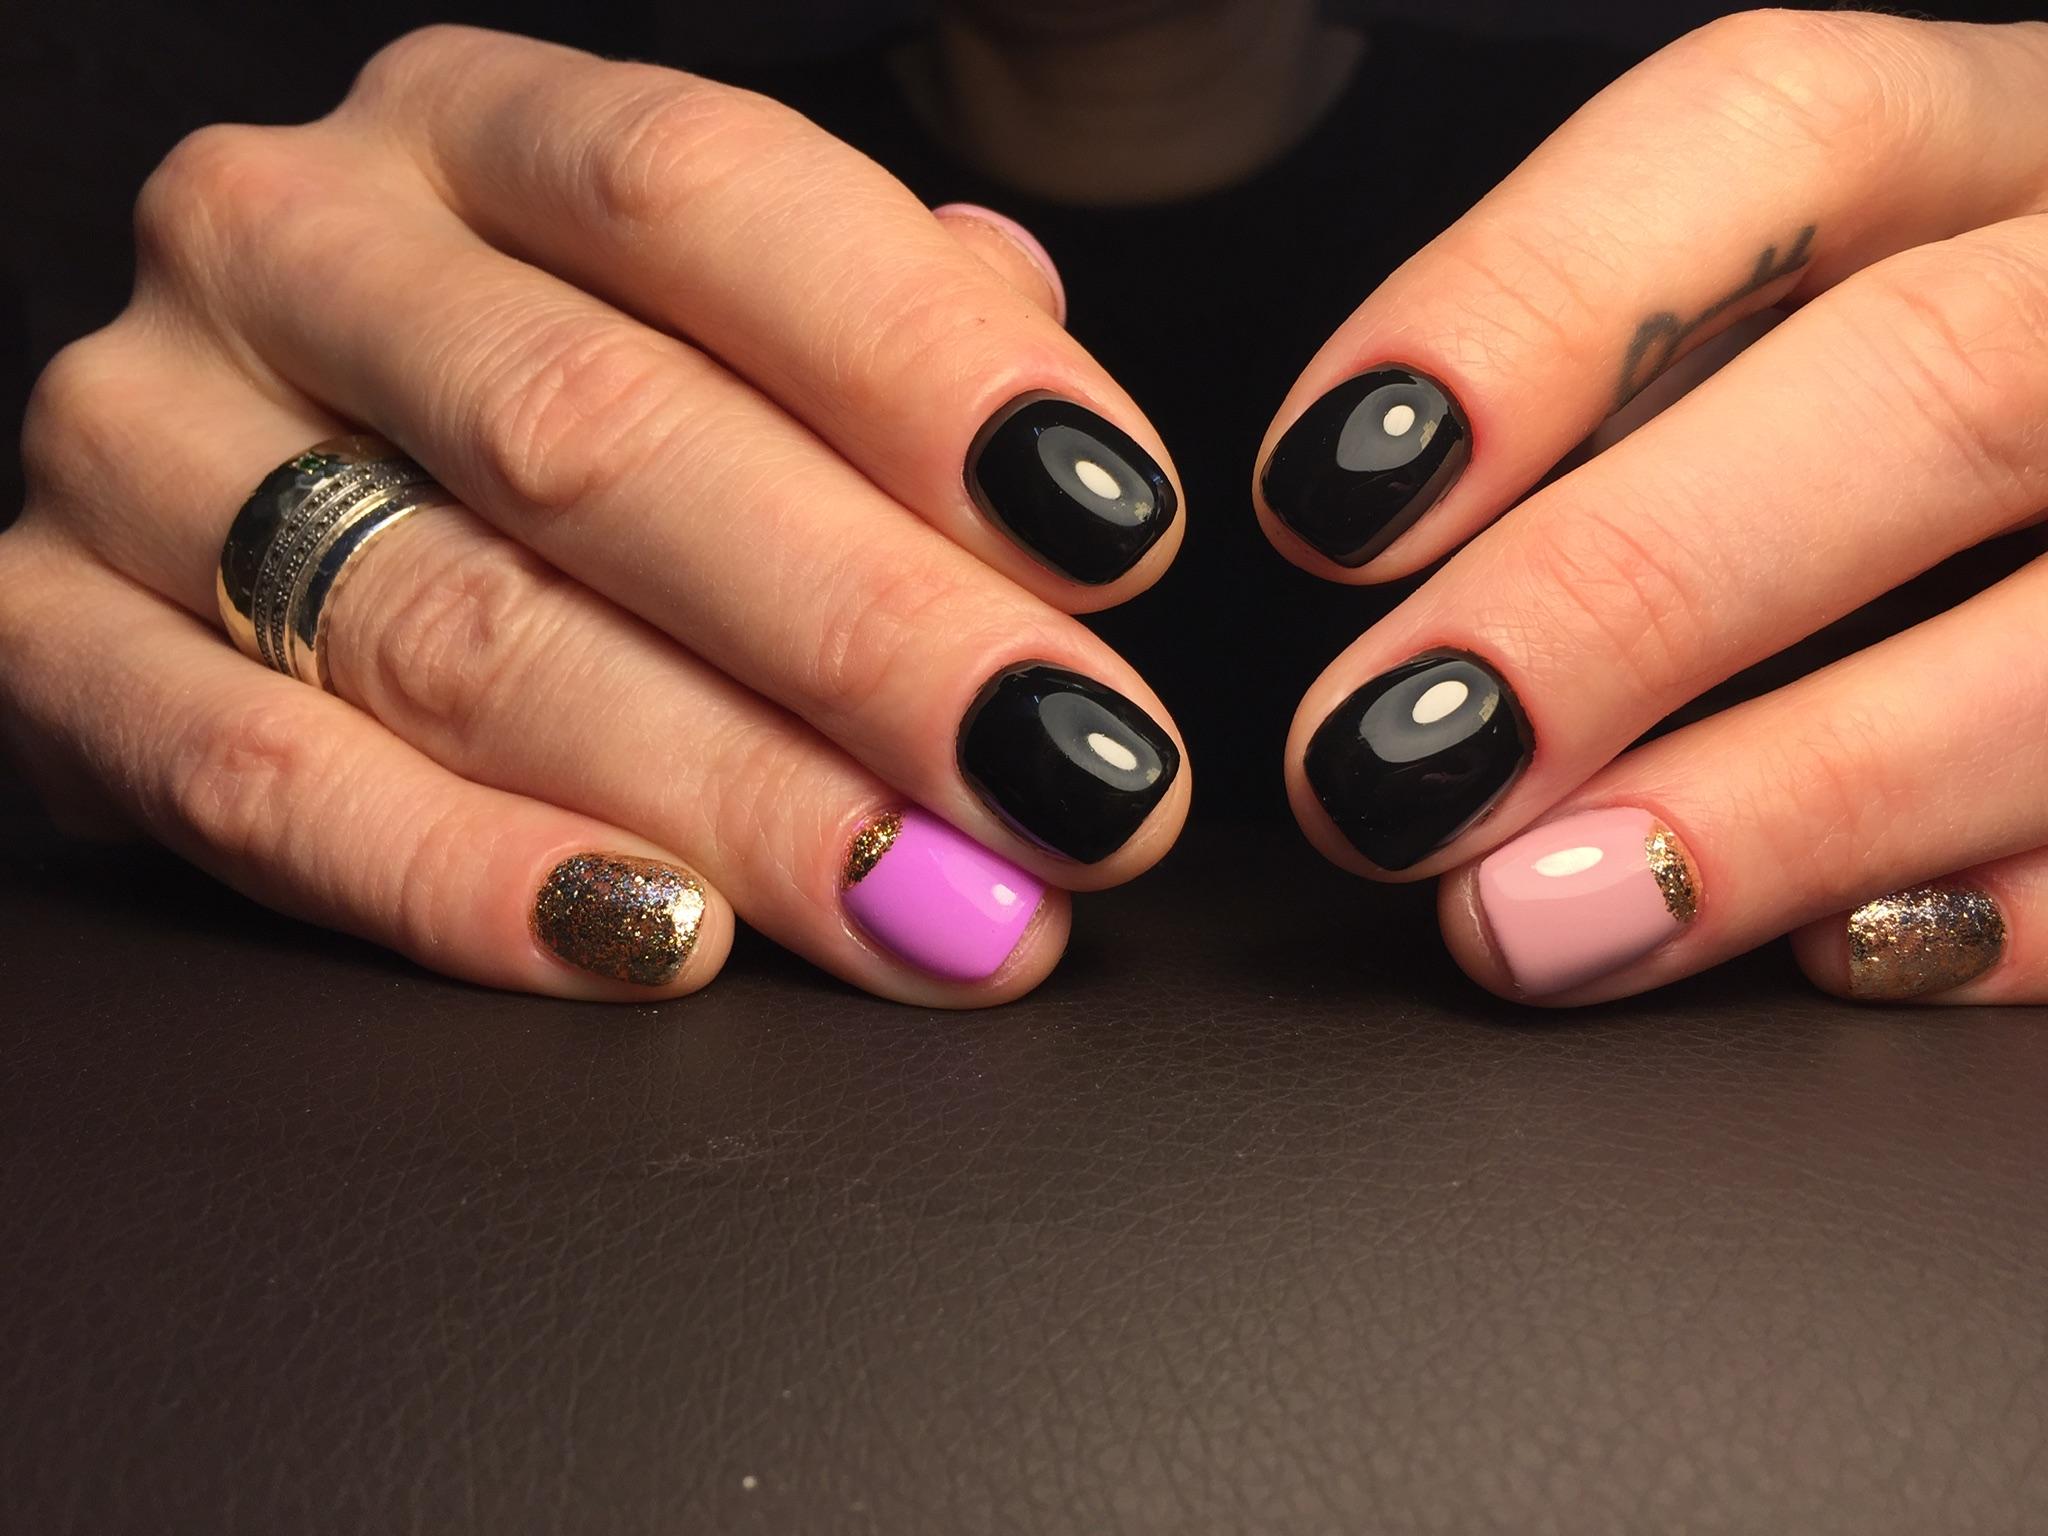 Маникюр с лунным дизайном и золотыми блестками в черном цвете на короткие ногти.